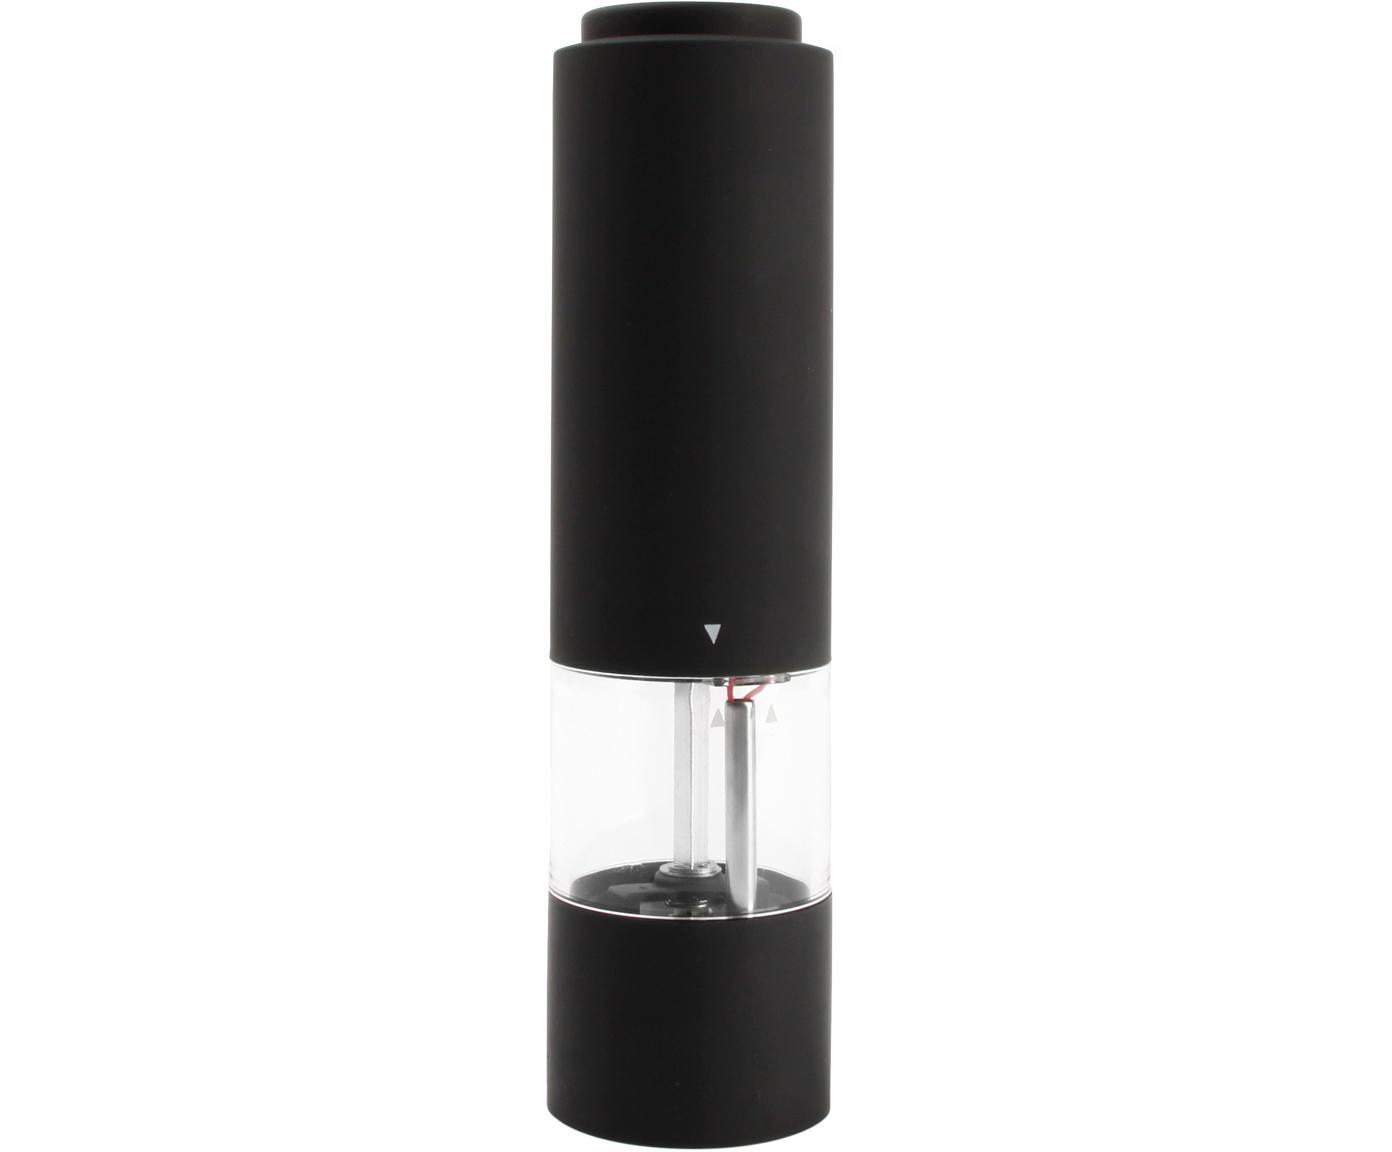 Elektrische Gewürzmühle Lecta in Schwarz, Acryl, Kunststoff (ABS), Gummi, Keramik, Schwarz, Transparent, Silberfarben, Ø 5 x H 19 cm